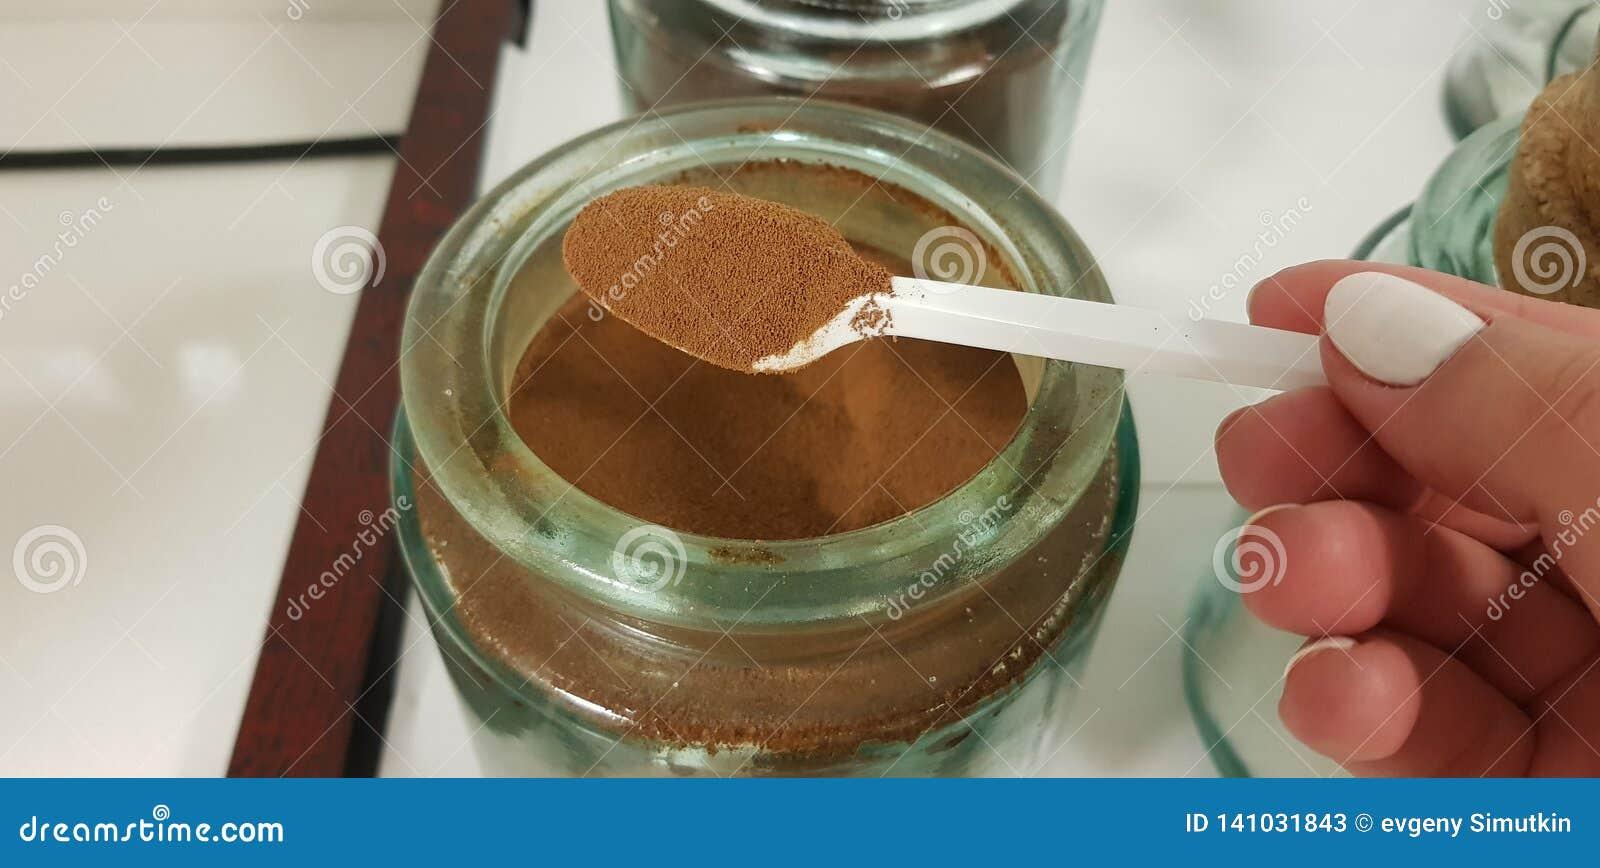 De lepel met onmiddellijke koffiepoeder in vrouwelijke vingers over groot glas kan met koffie